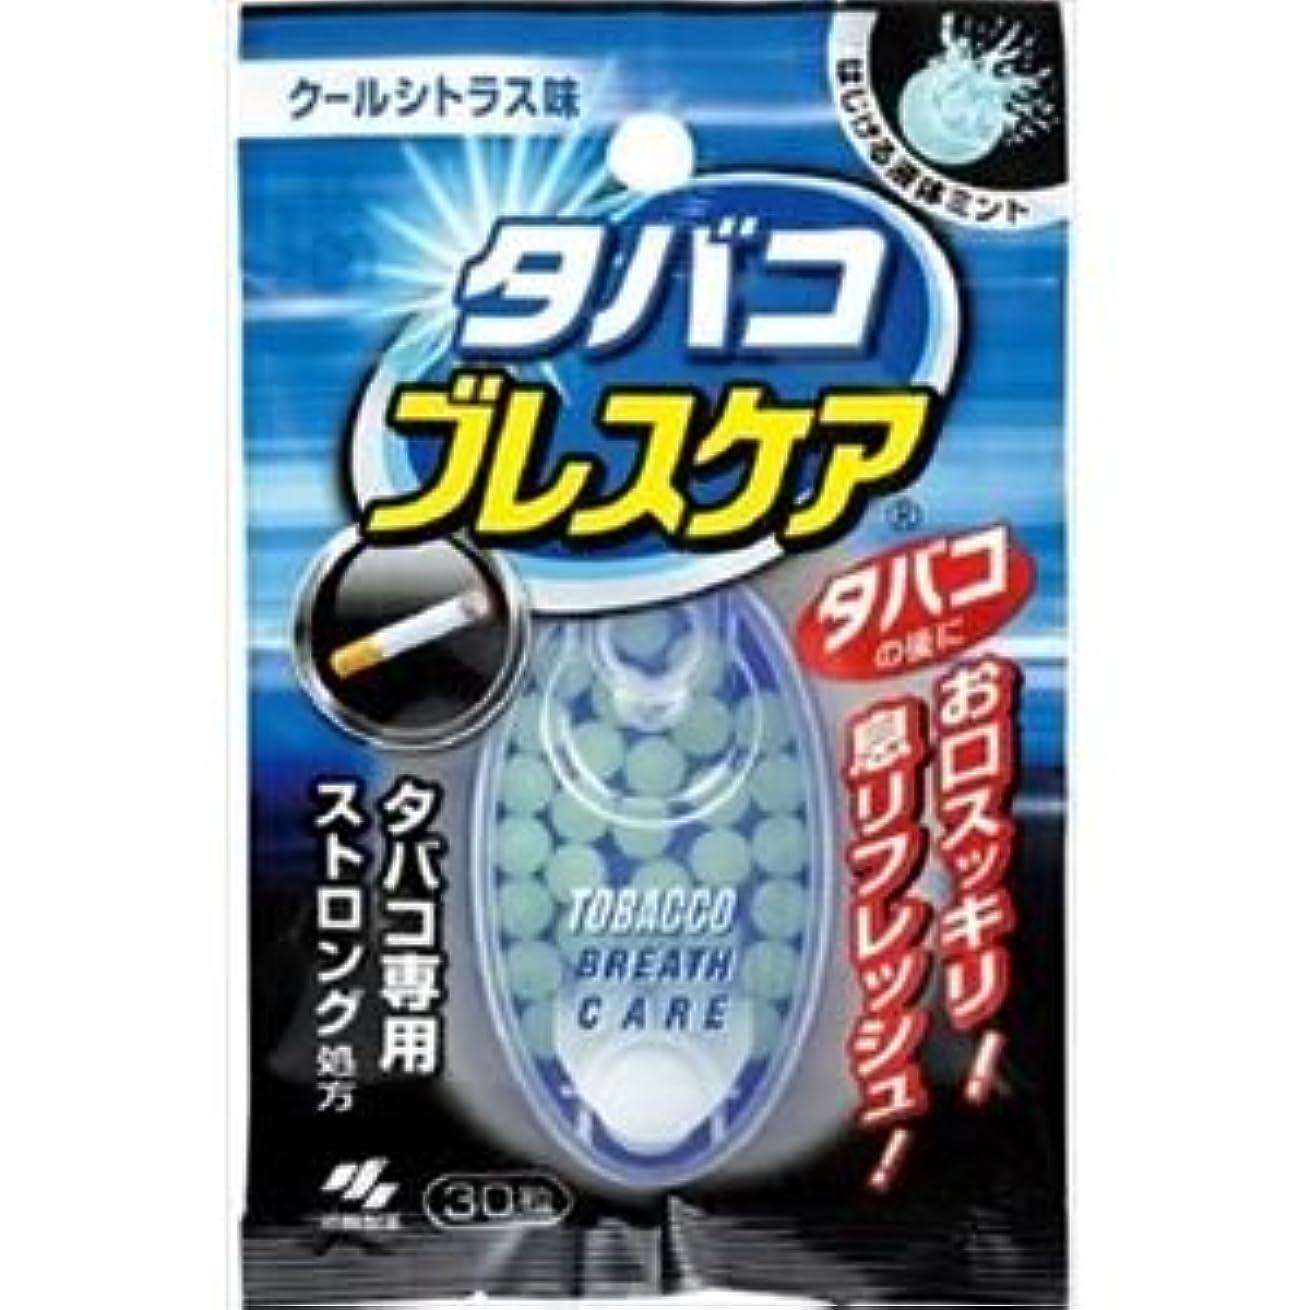 タンク危機資料(まとめ)小林製薬 タバコブレスケア 30粒 【×6点セット】